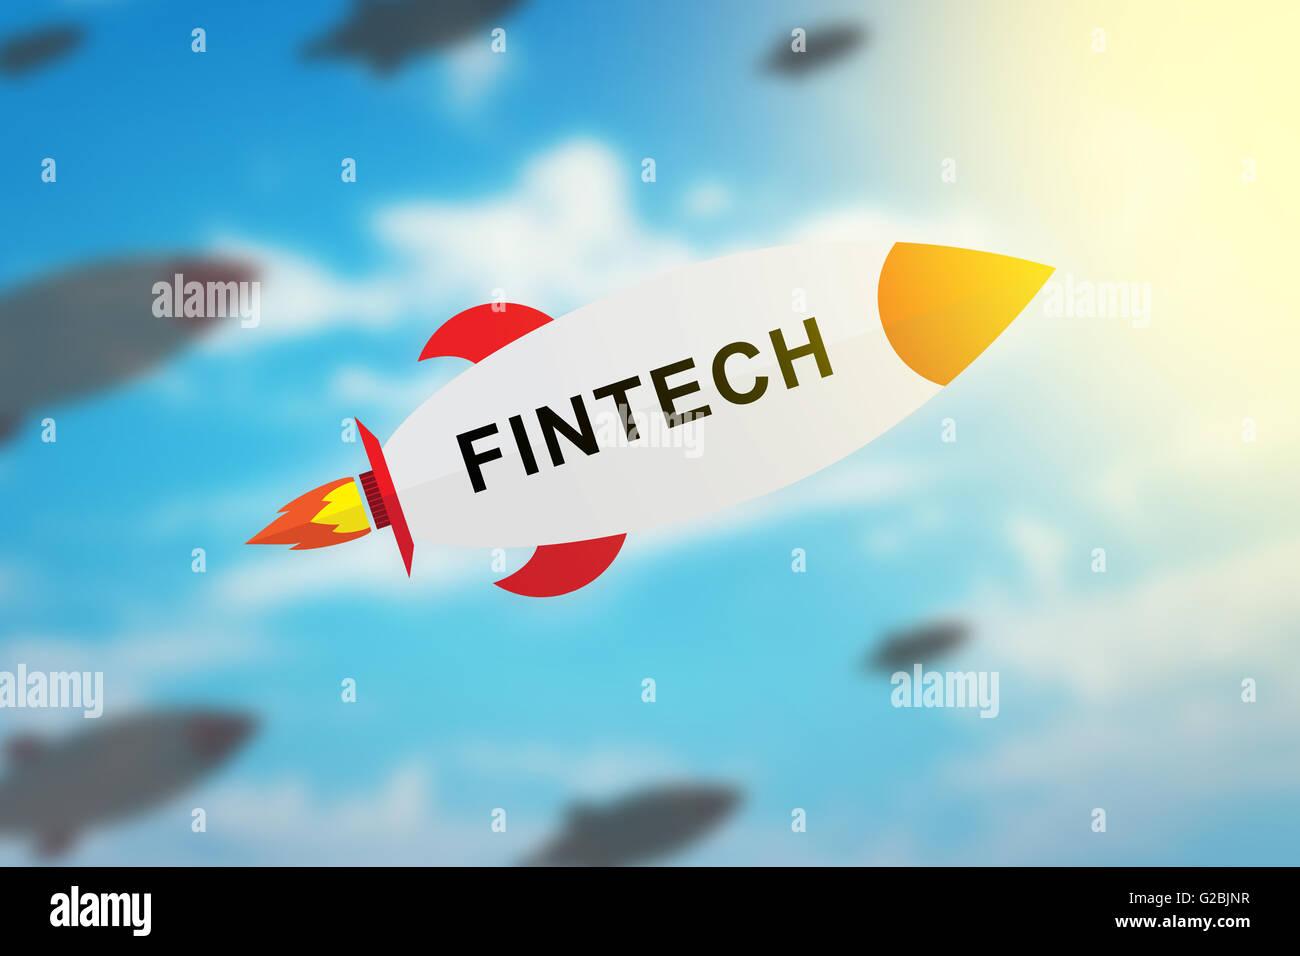 Gruppo di fintech o financial technology design piatto a razzo con sfondo sfocato e effetto luce soffusa Immagini Stock